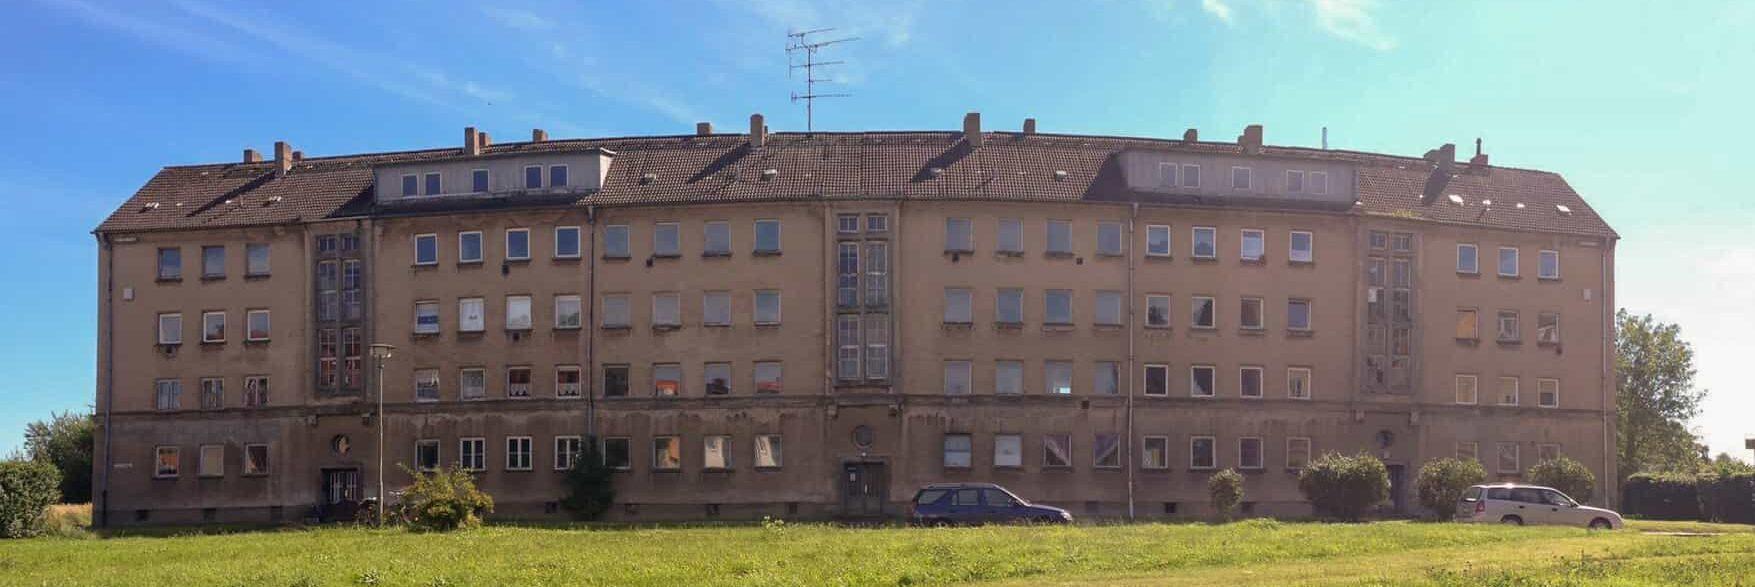 Wohnungsbau Kupfermühle Stralsund - Bestand